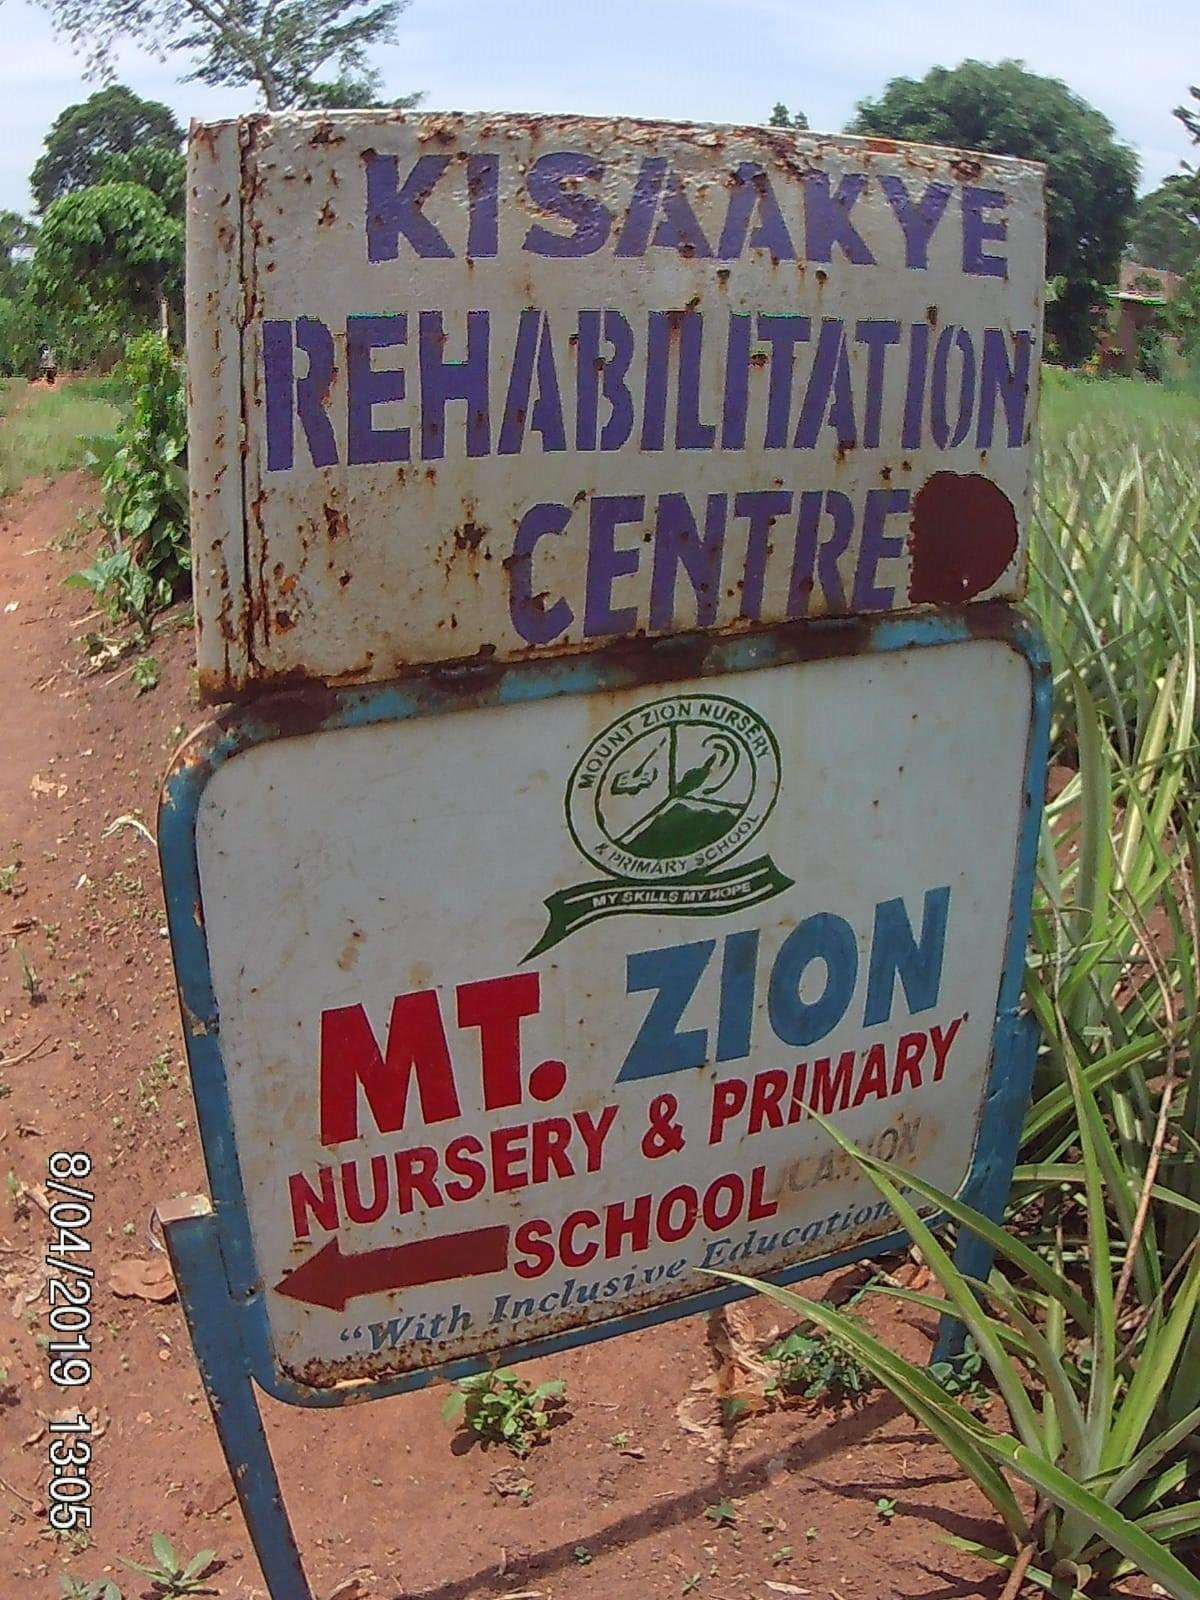 Wegweiser zur inklusiven Schule Mt Zion